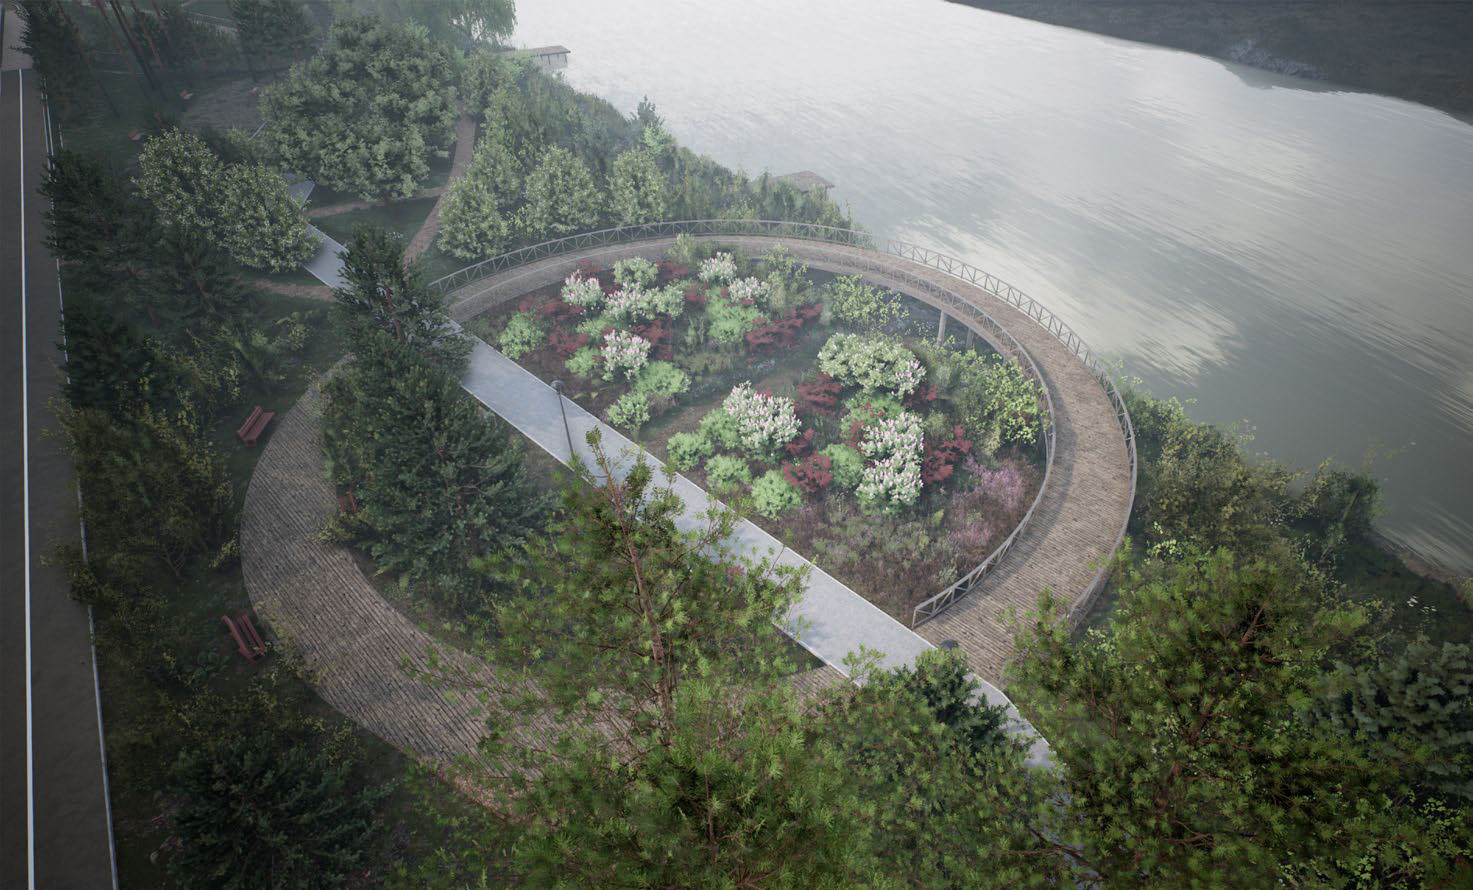 «Птичий сад» внутри кольцевой смотровой площадки — густые заросли с плодовыми деревьями и колючими кустарниками, где могут безопасно жить птицы и животные